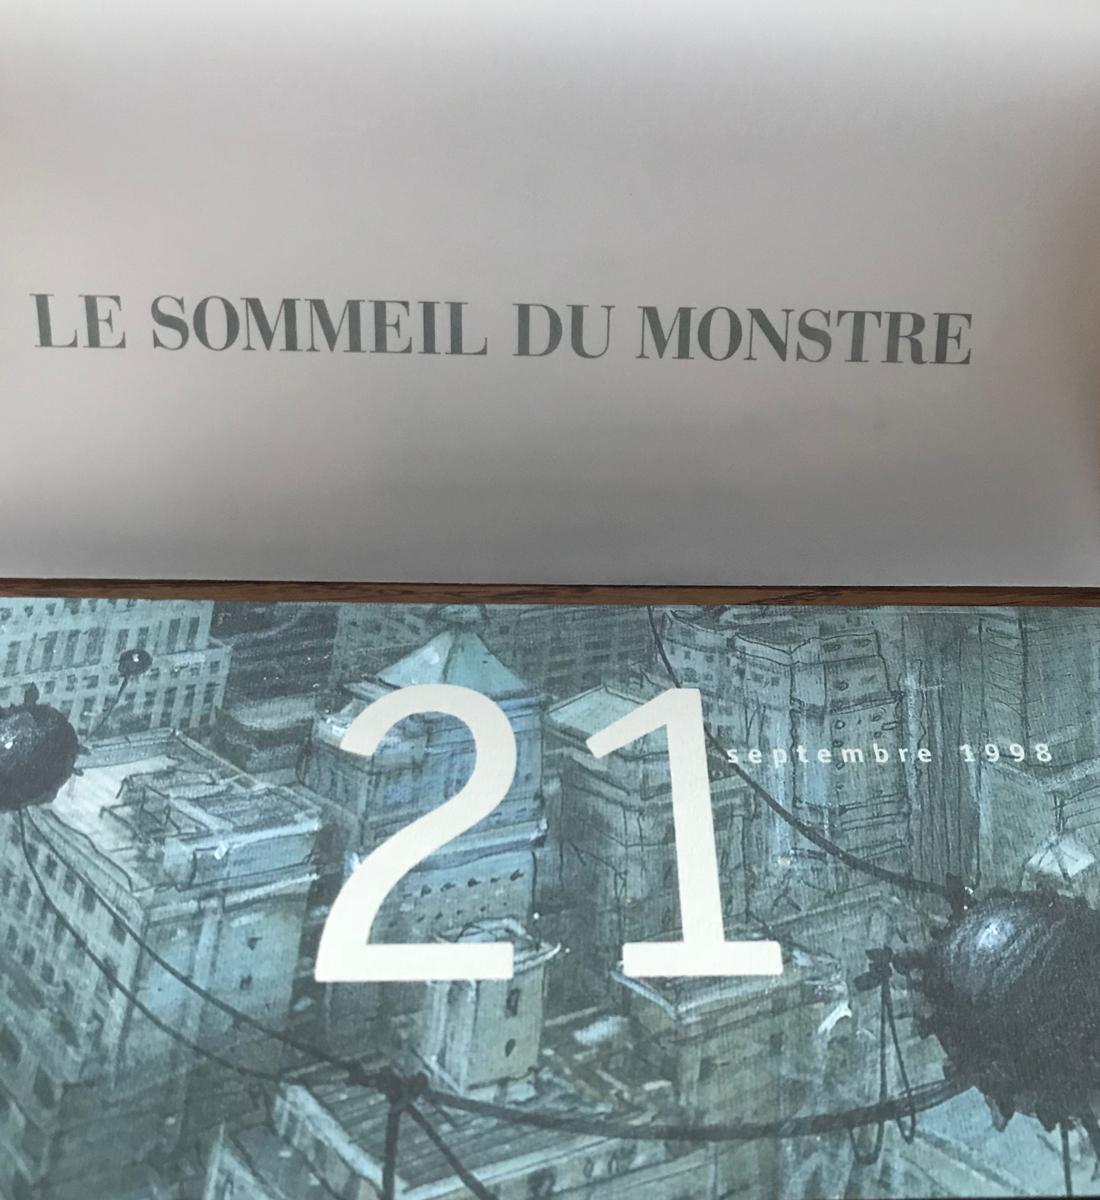 30 ans d'édition, par Sébastien Gnaedig, Chapitre 18 : Enli Bilal et le Sommeil du Monstre